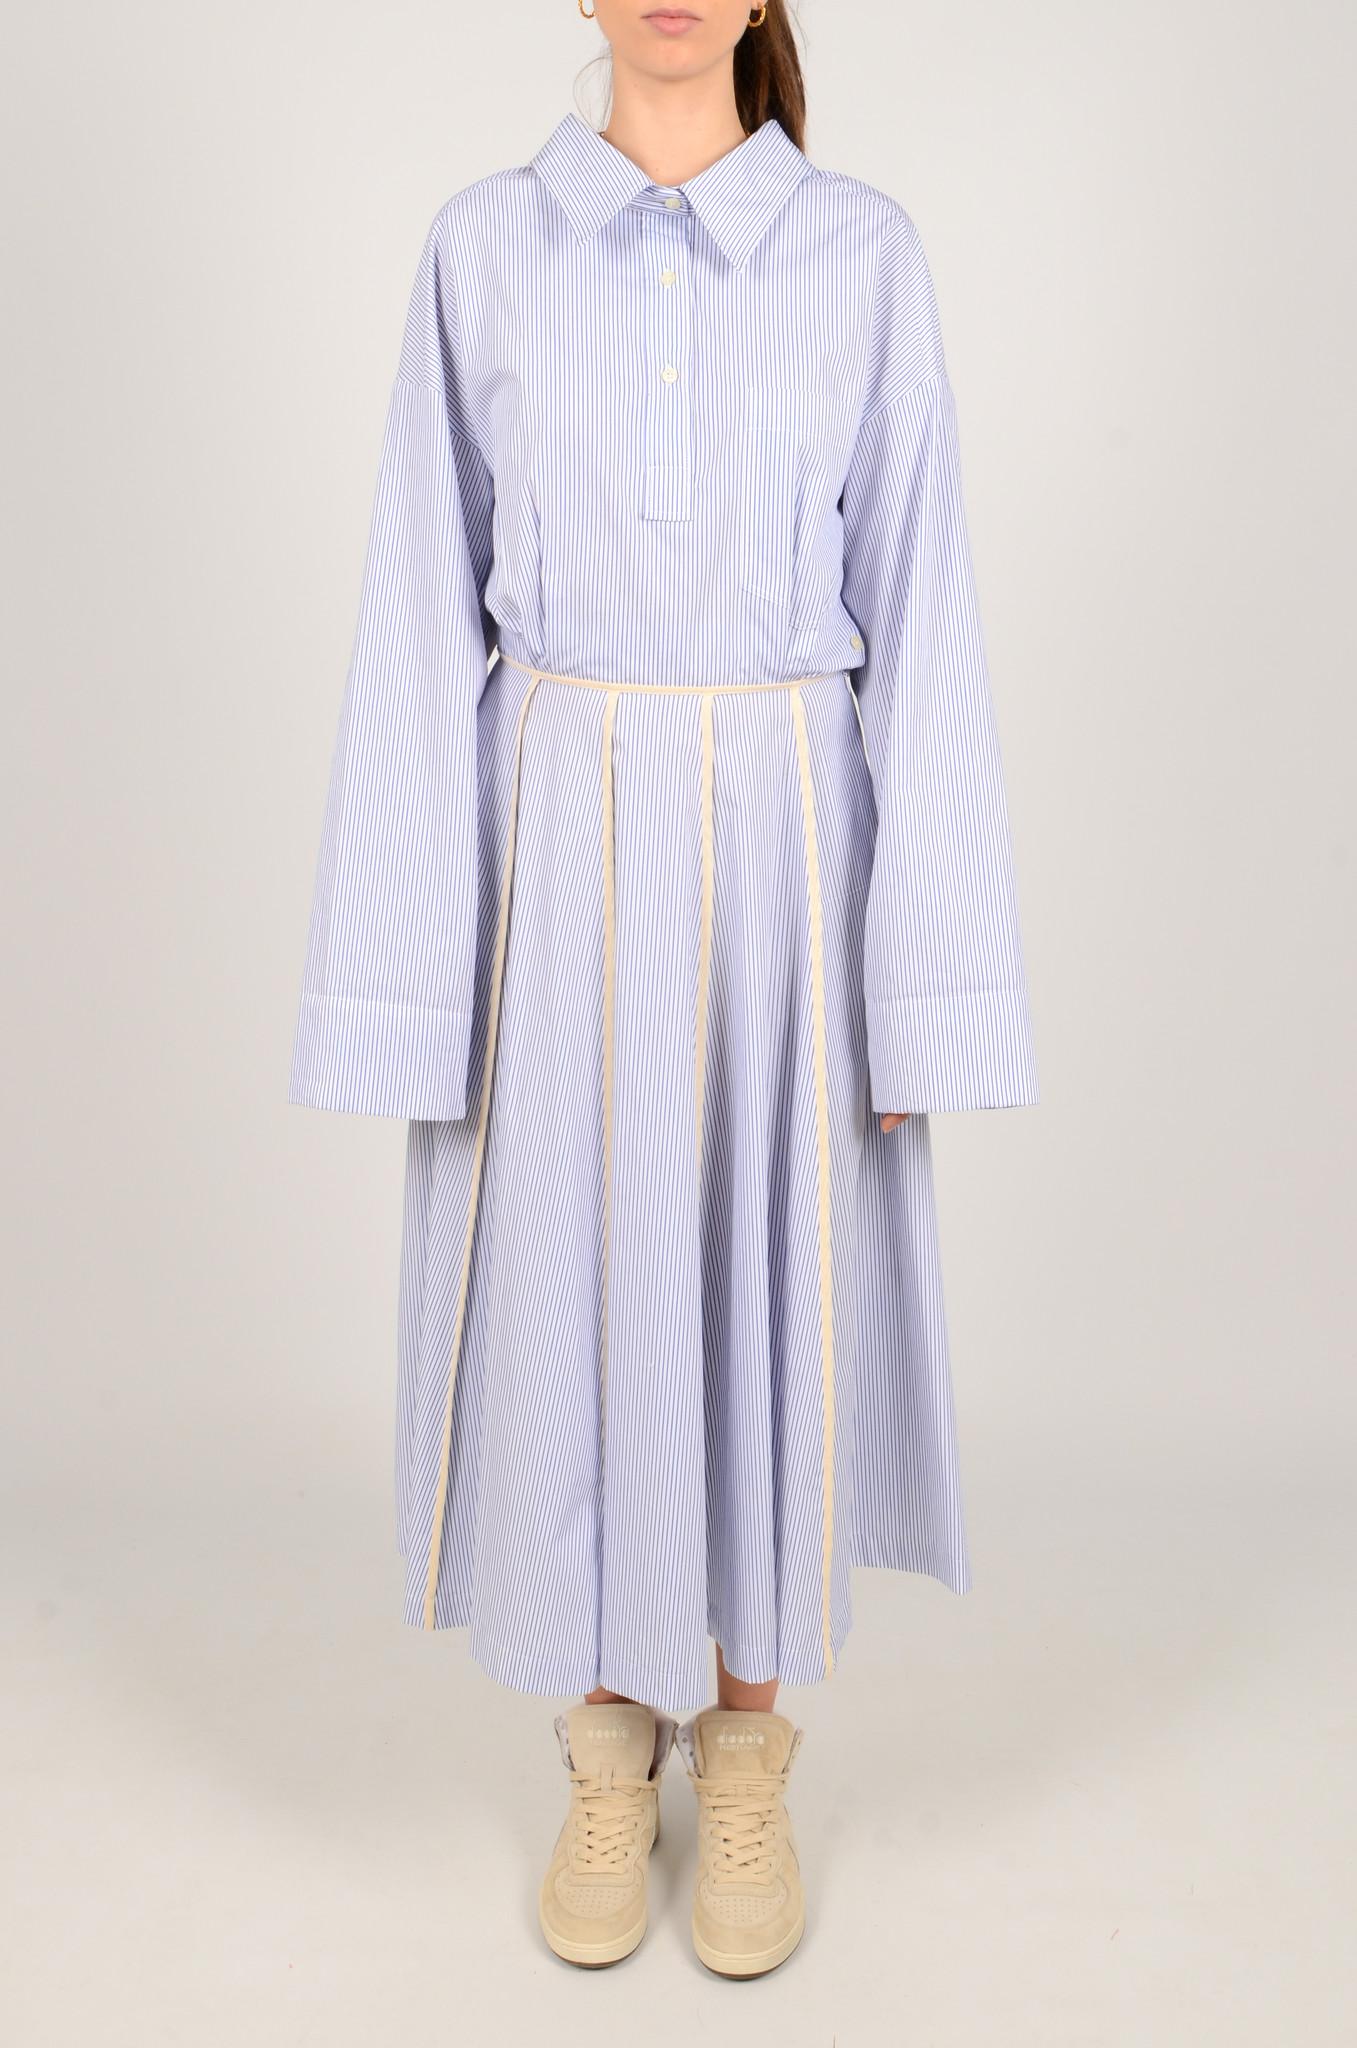 CHRISTY DRESS-1